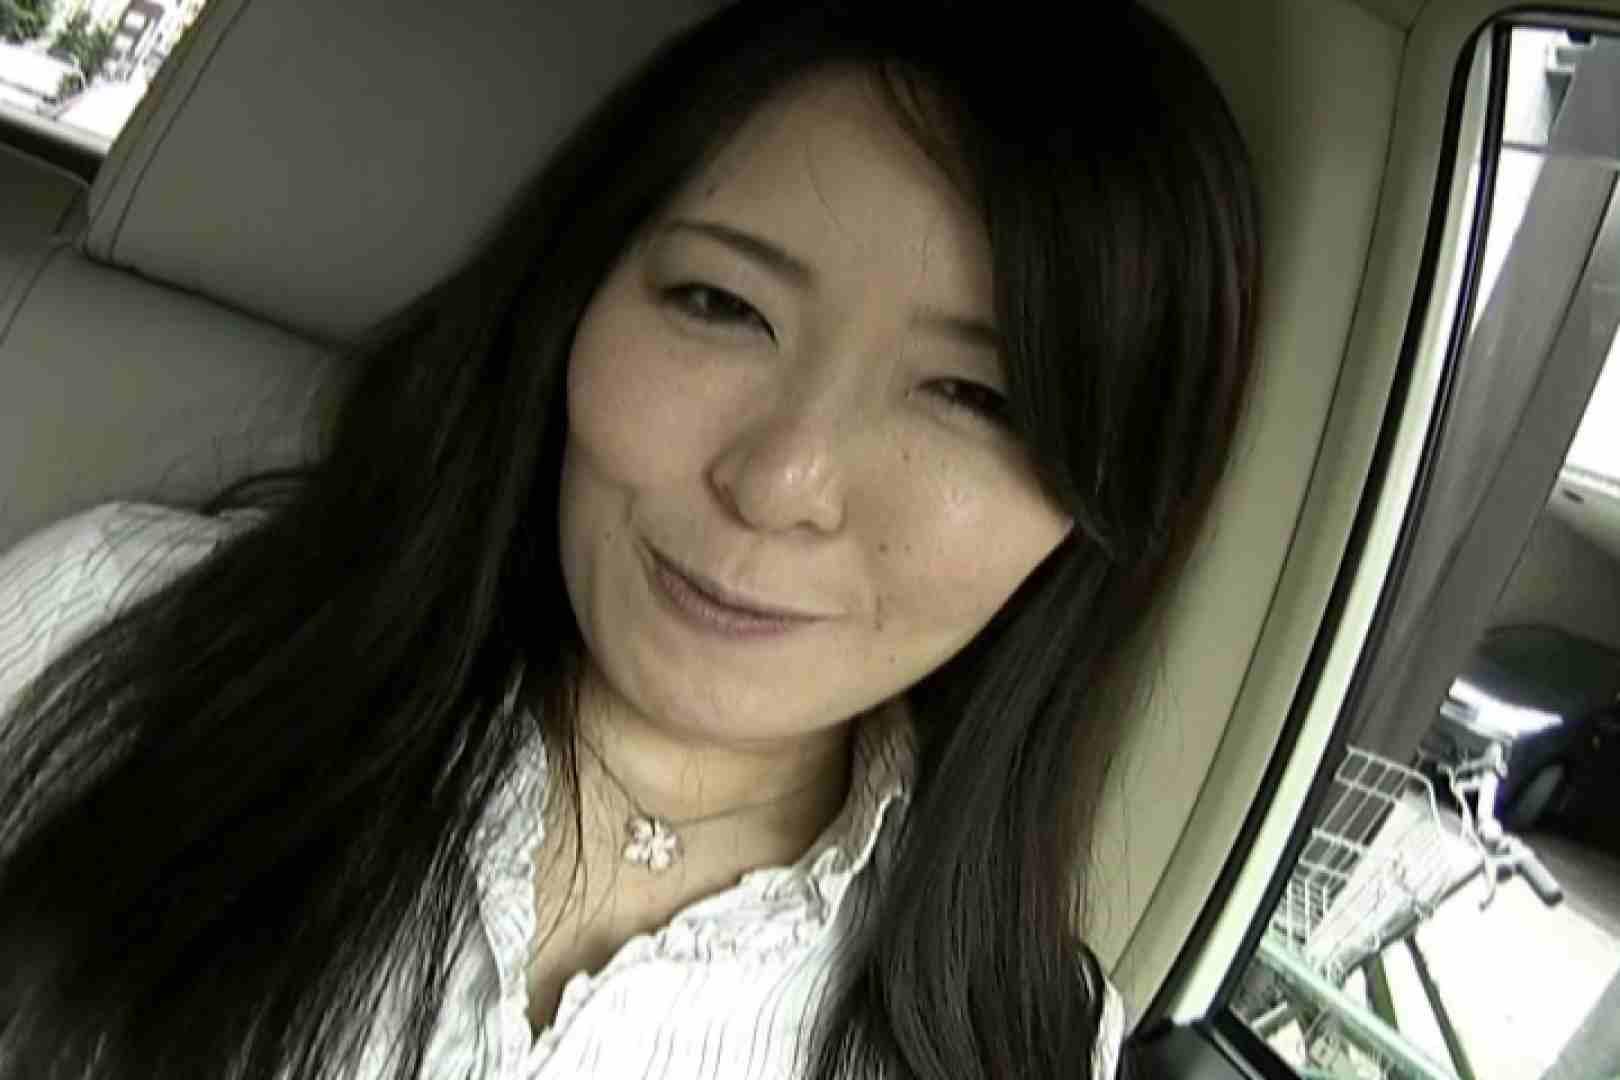 素人ナンパ本番撮り!出会い系でGET!Vol.12 入浴 オマンコ無修正動画無料 65pic 47